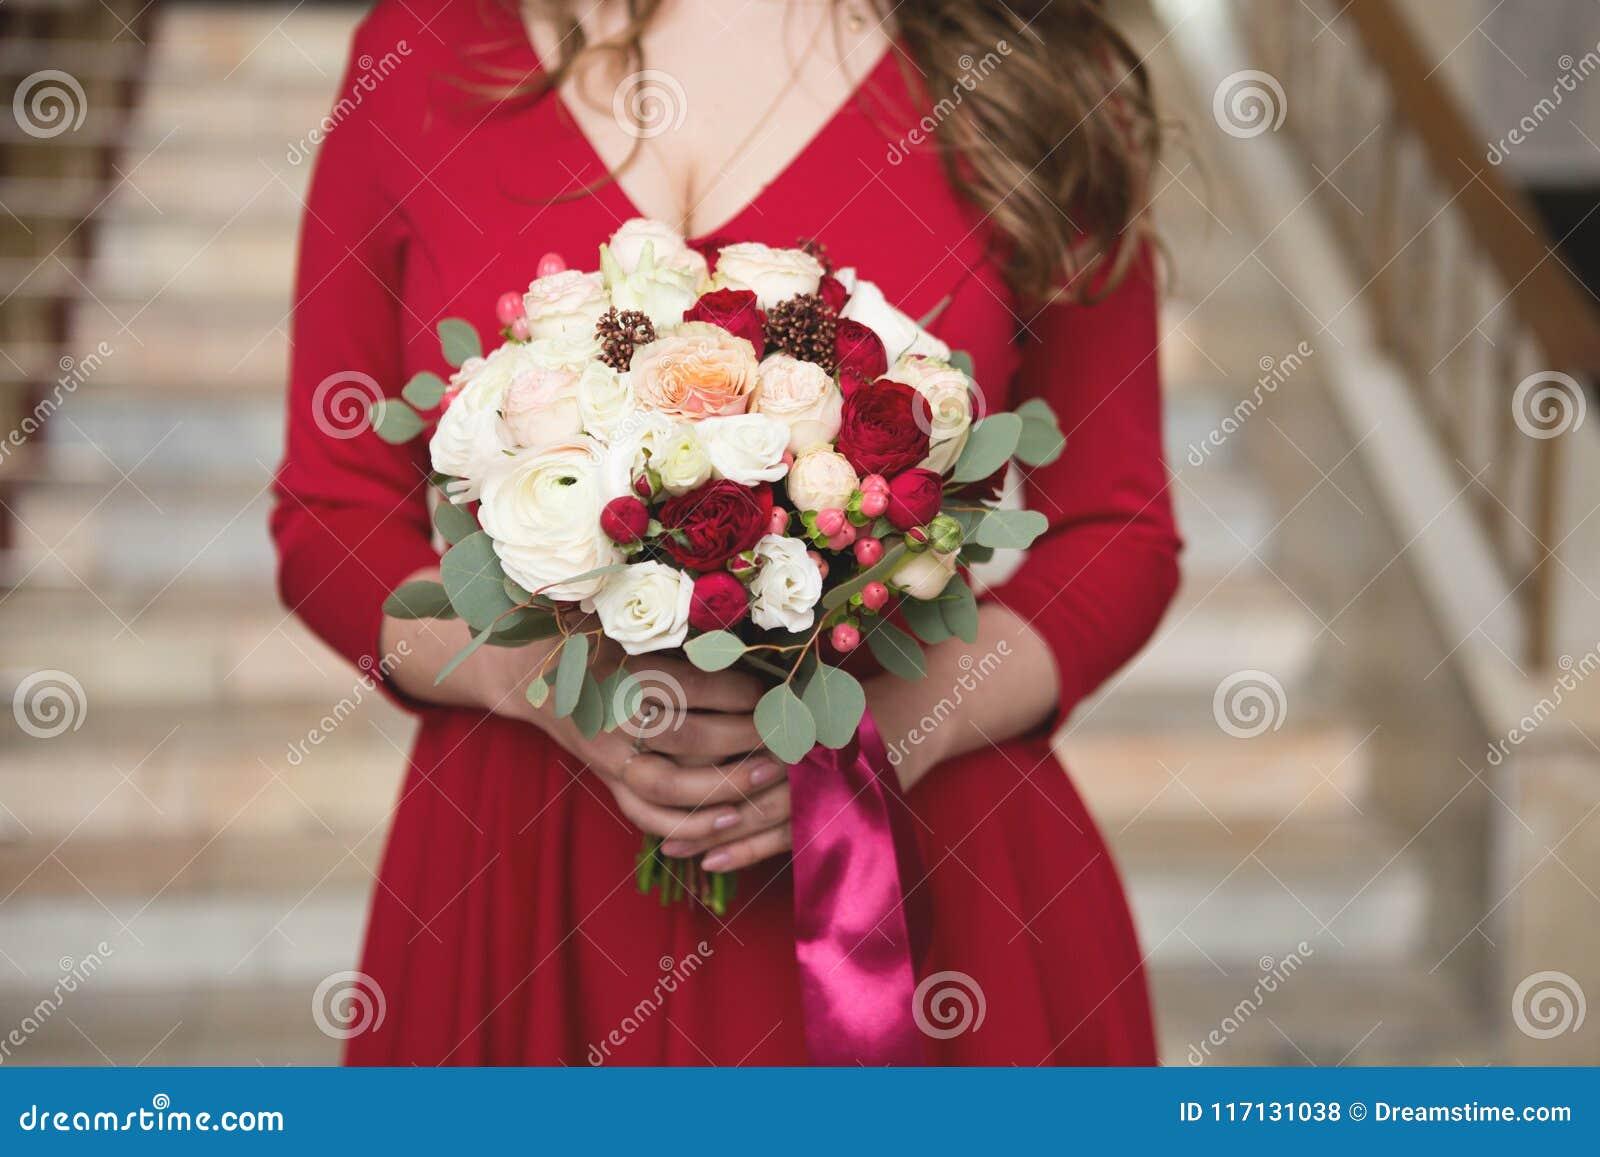 Sposa in un vestito rosso Damigella d onore in un vestito rosso Mazzo di nozze con un nastro rosso